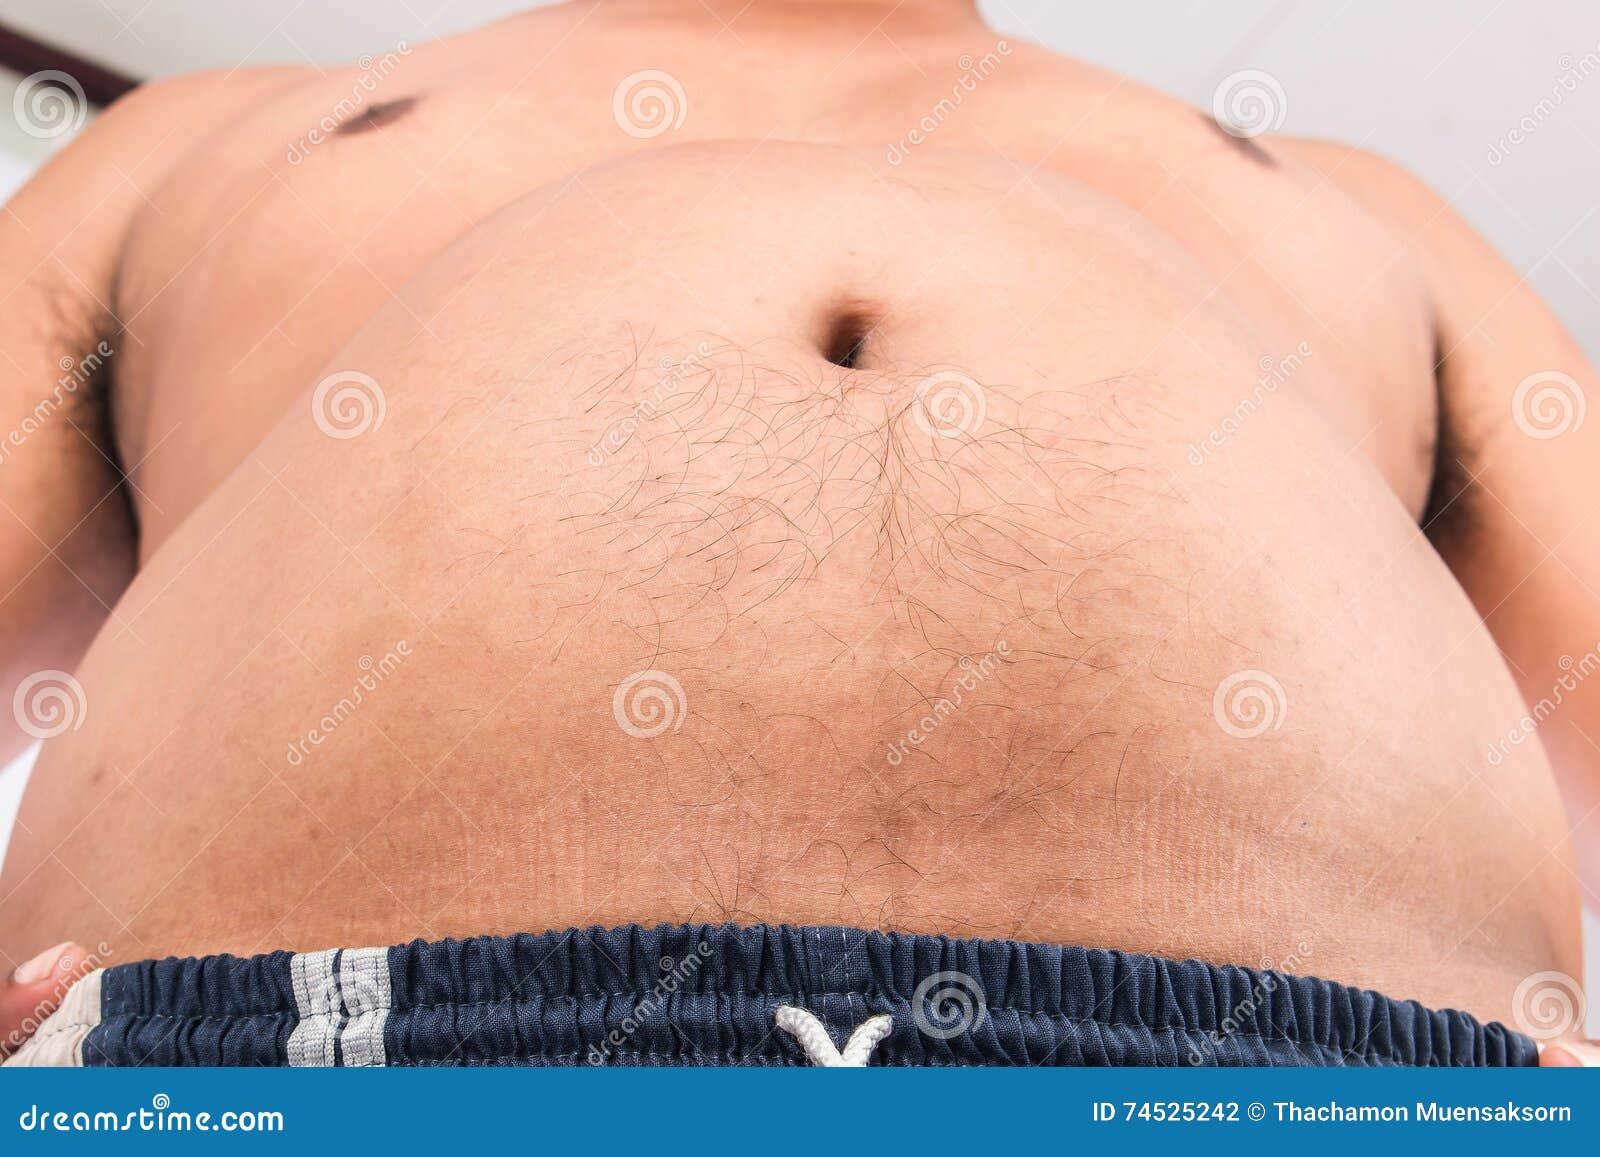 uomo grasso che gioca con la sua pancia